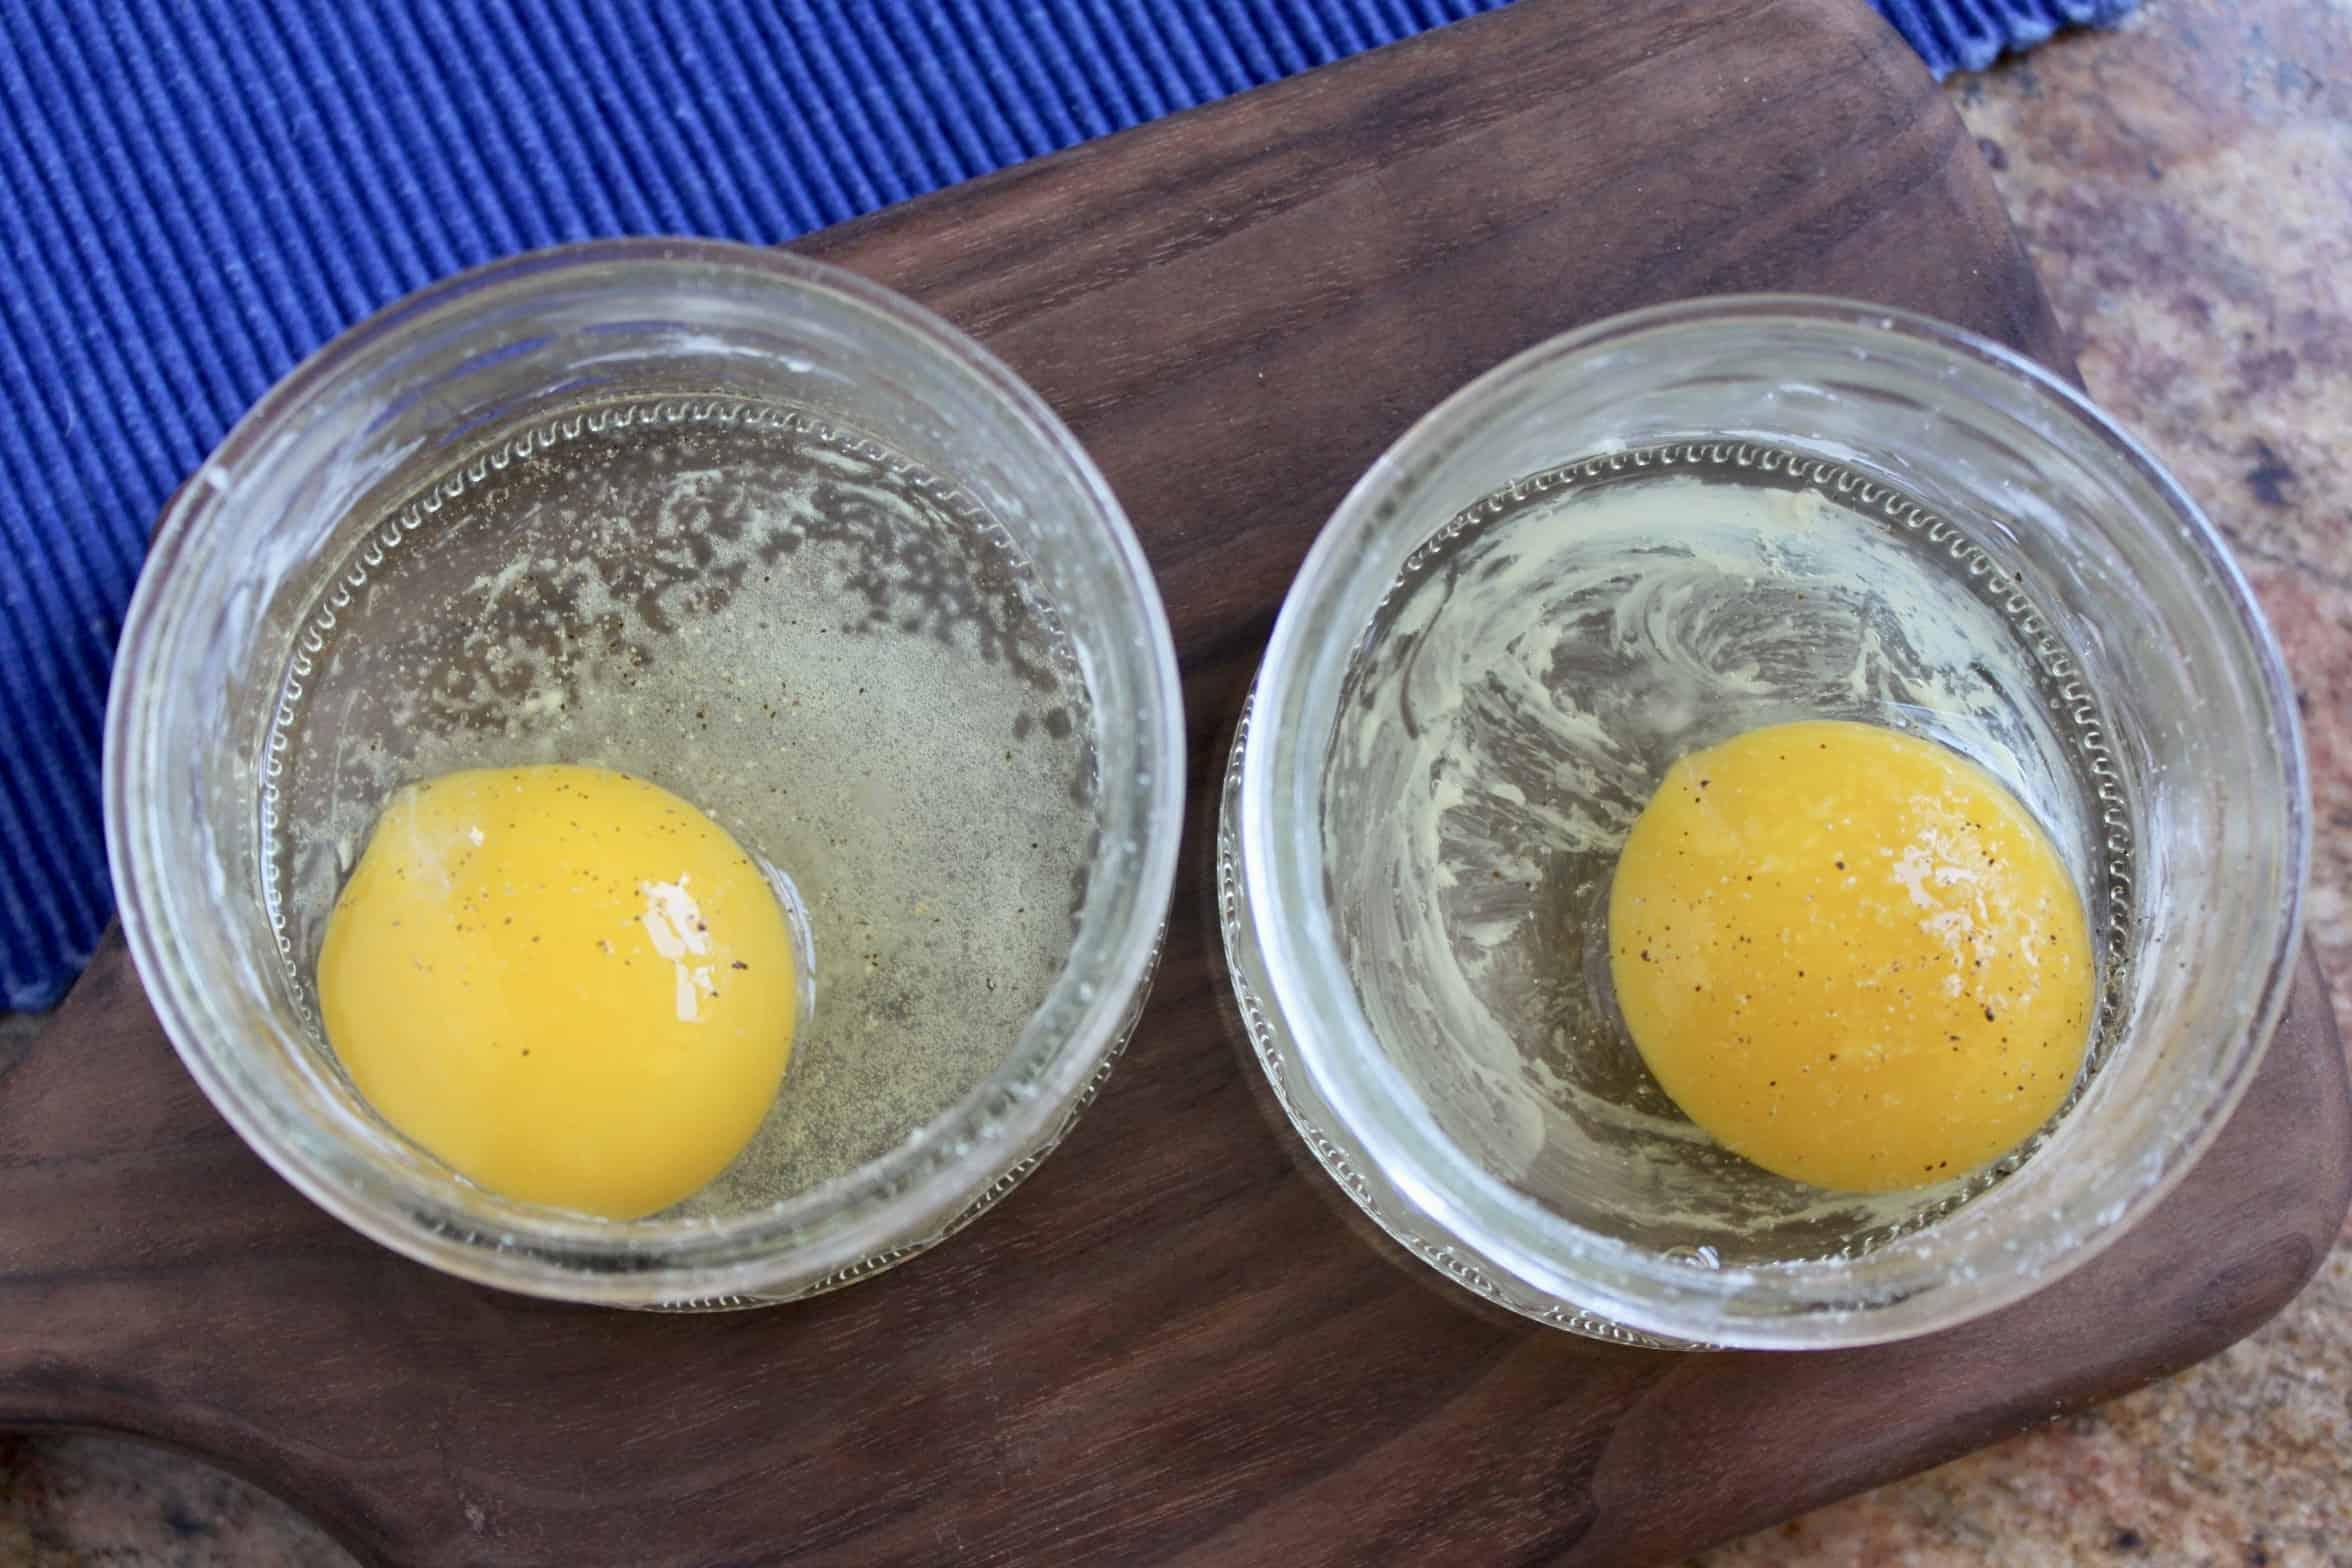 eggs in ramekins